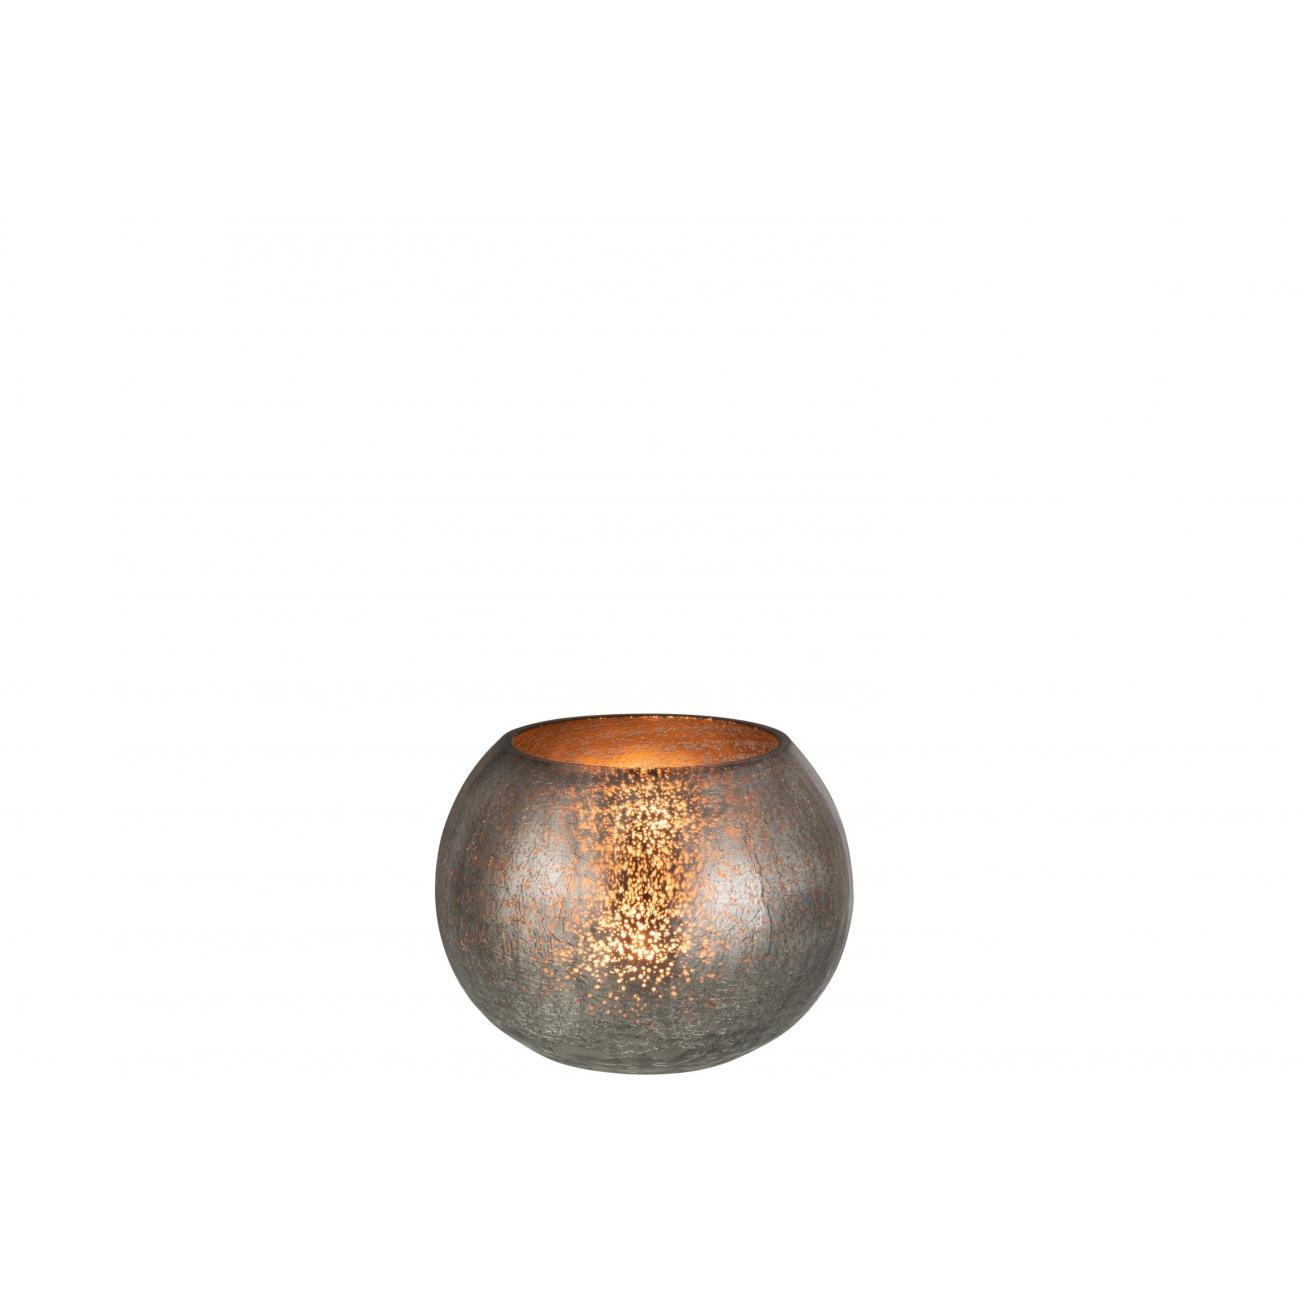 Подсвечник J-LINE стеклянный с эффектом разбитого стекла матовый серого цвета 15х15 см Бельгия